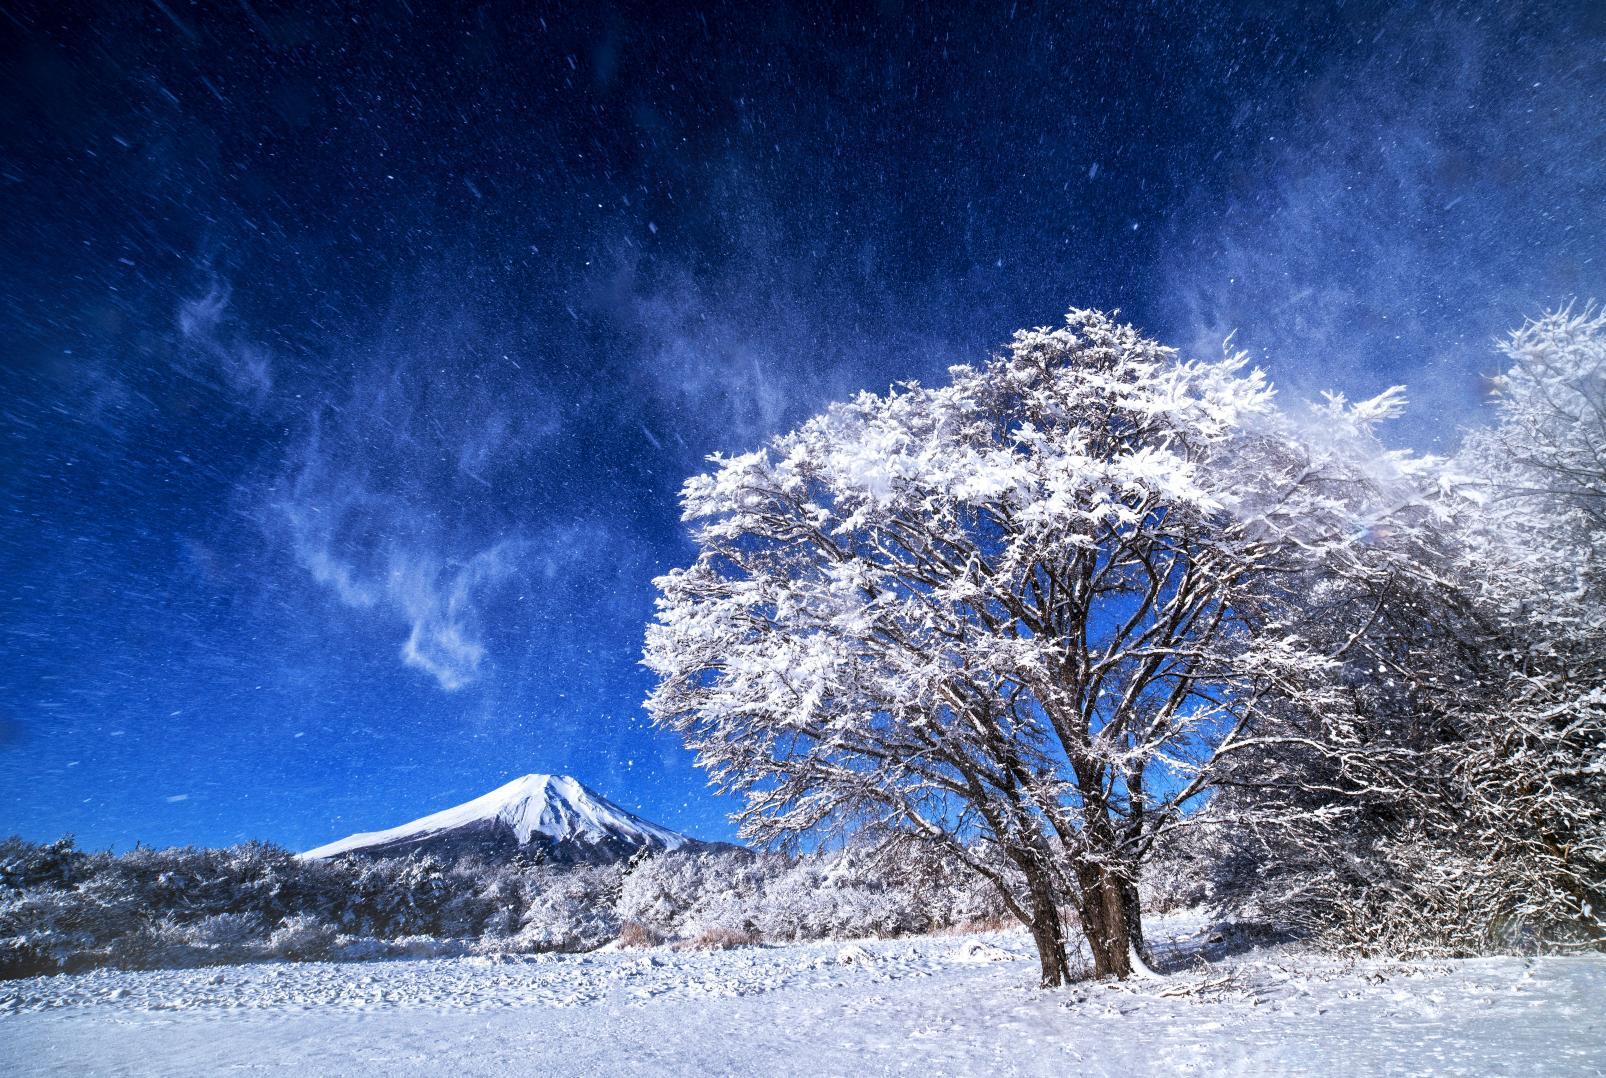 夏は涼しい、標高約1000mの高原リゾート-0